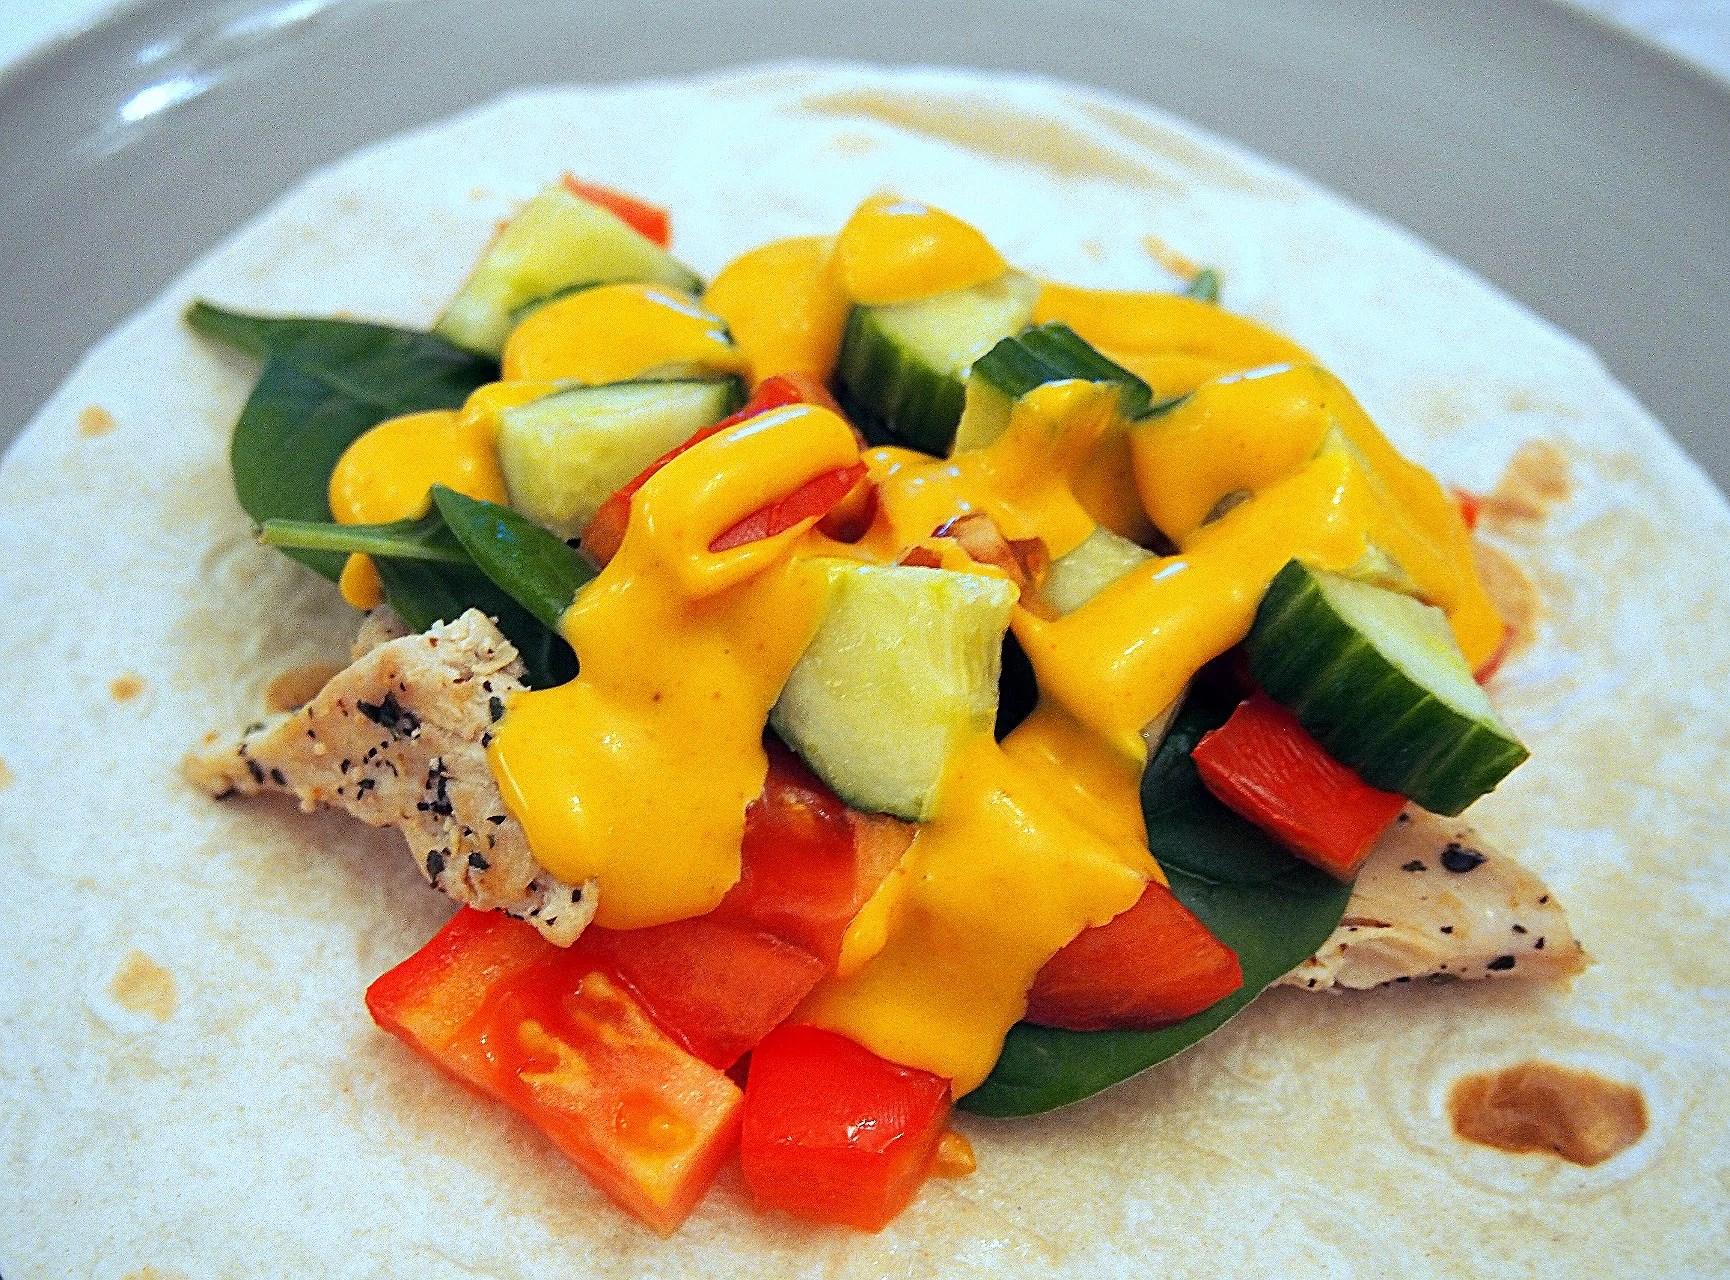 Dagens enkla matlagningstips